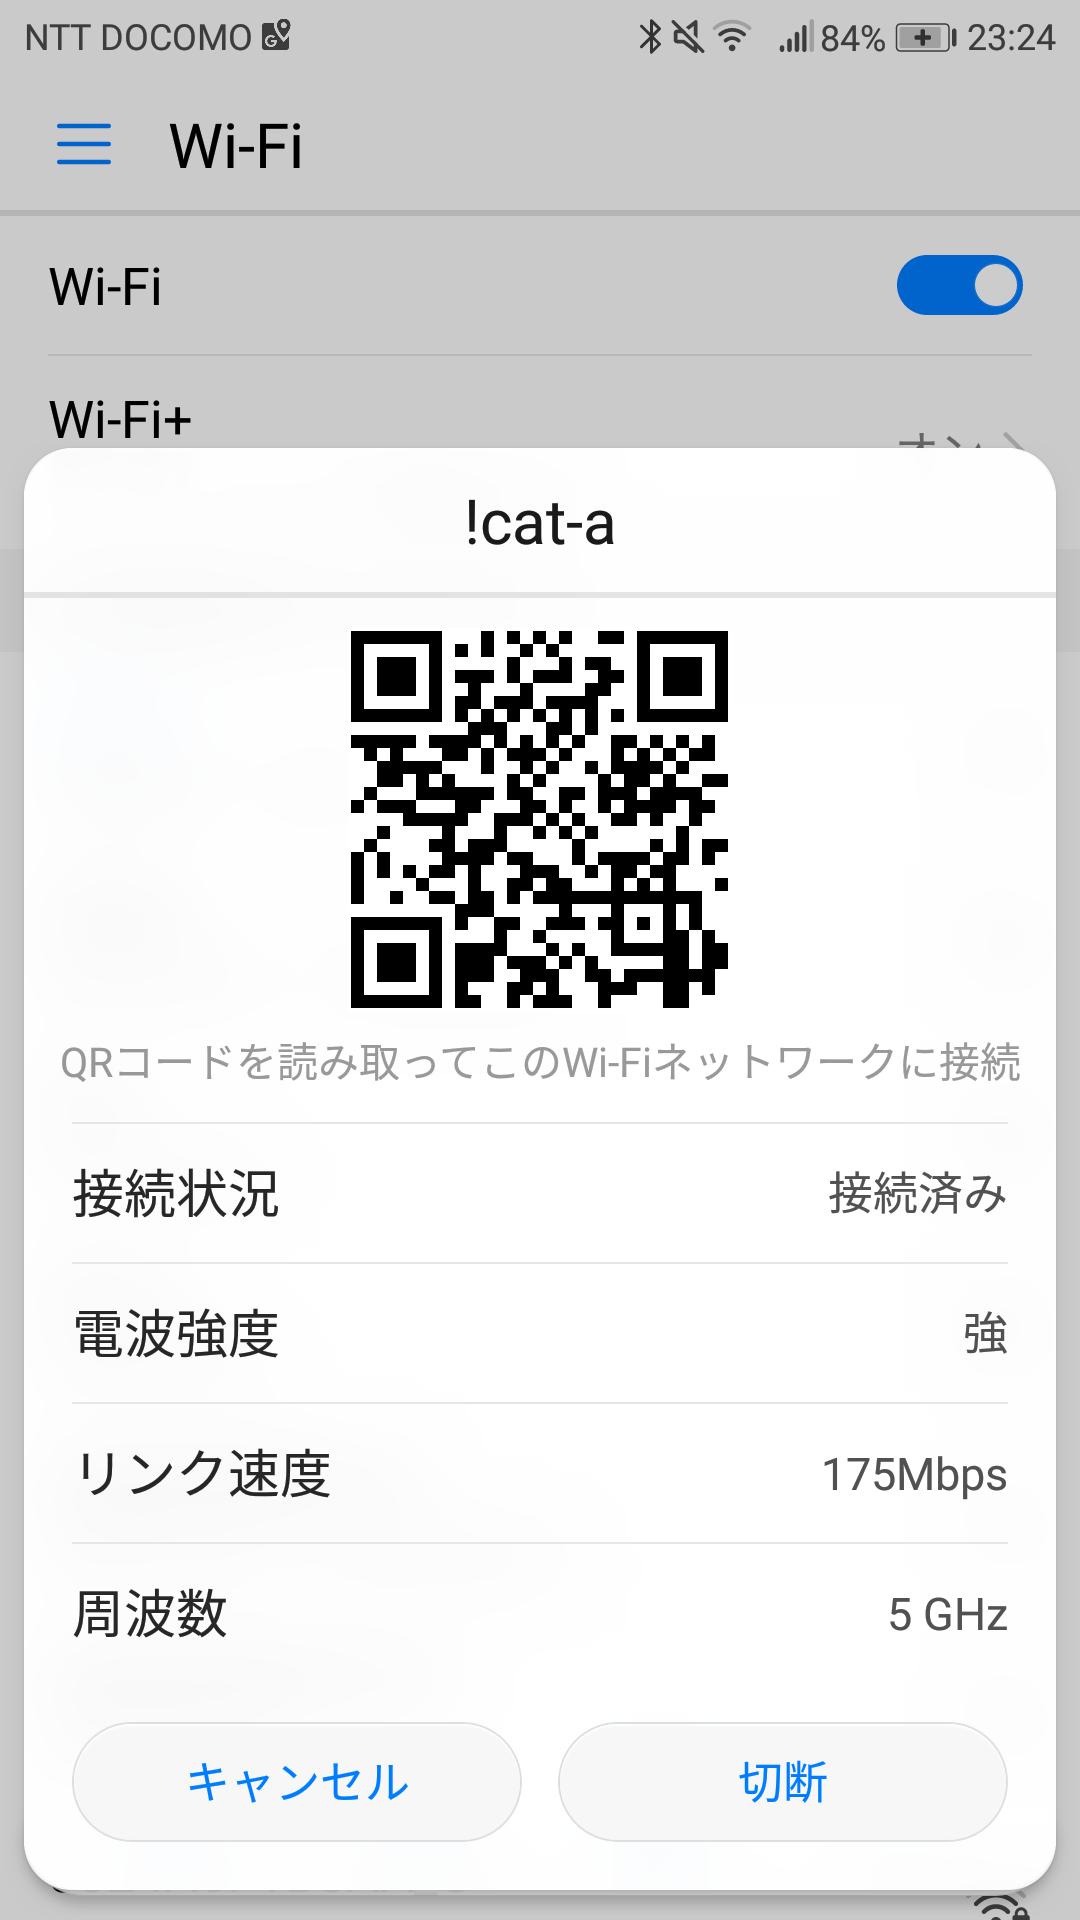 手持ちのAndroidスマホ「Huawei Honor 9」は、接続したWi-Fiルーターの接続設定をQRコードとして表示することができる、こういった機能がある場合、読み取れば即接続できる